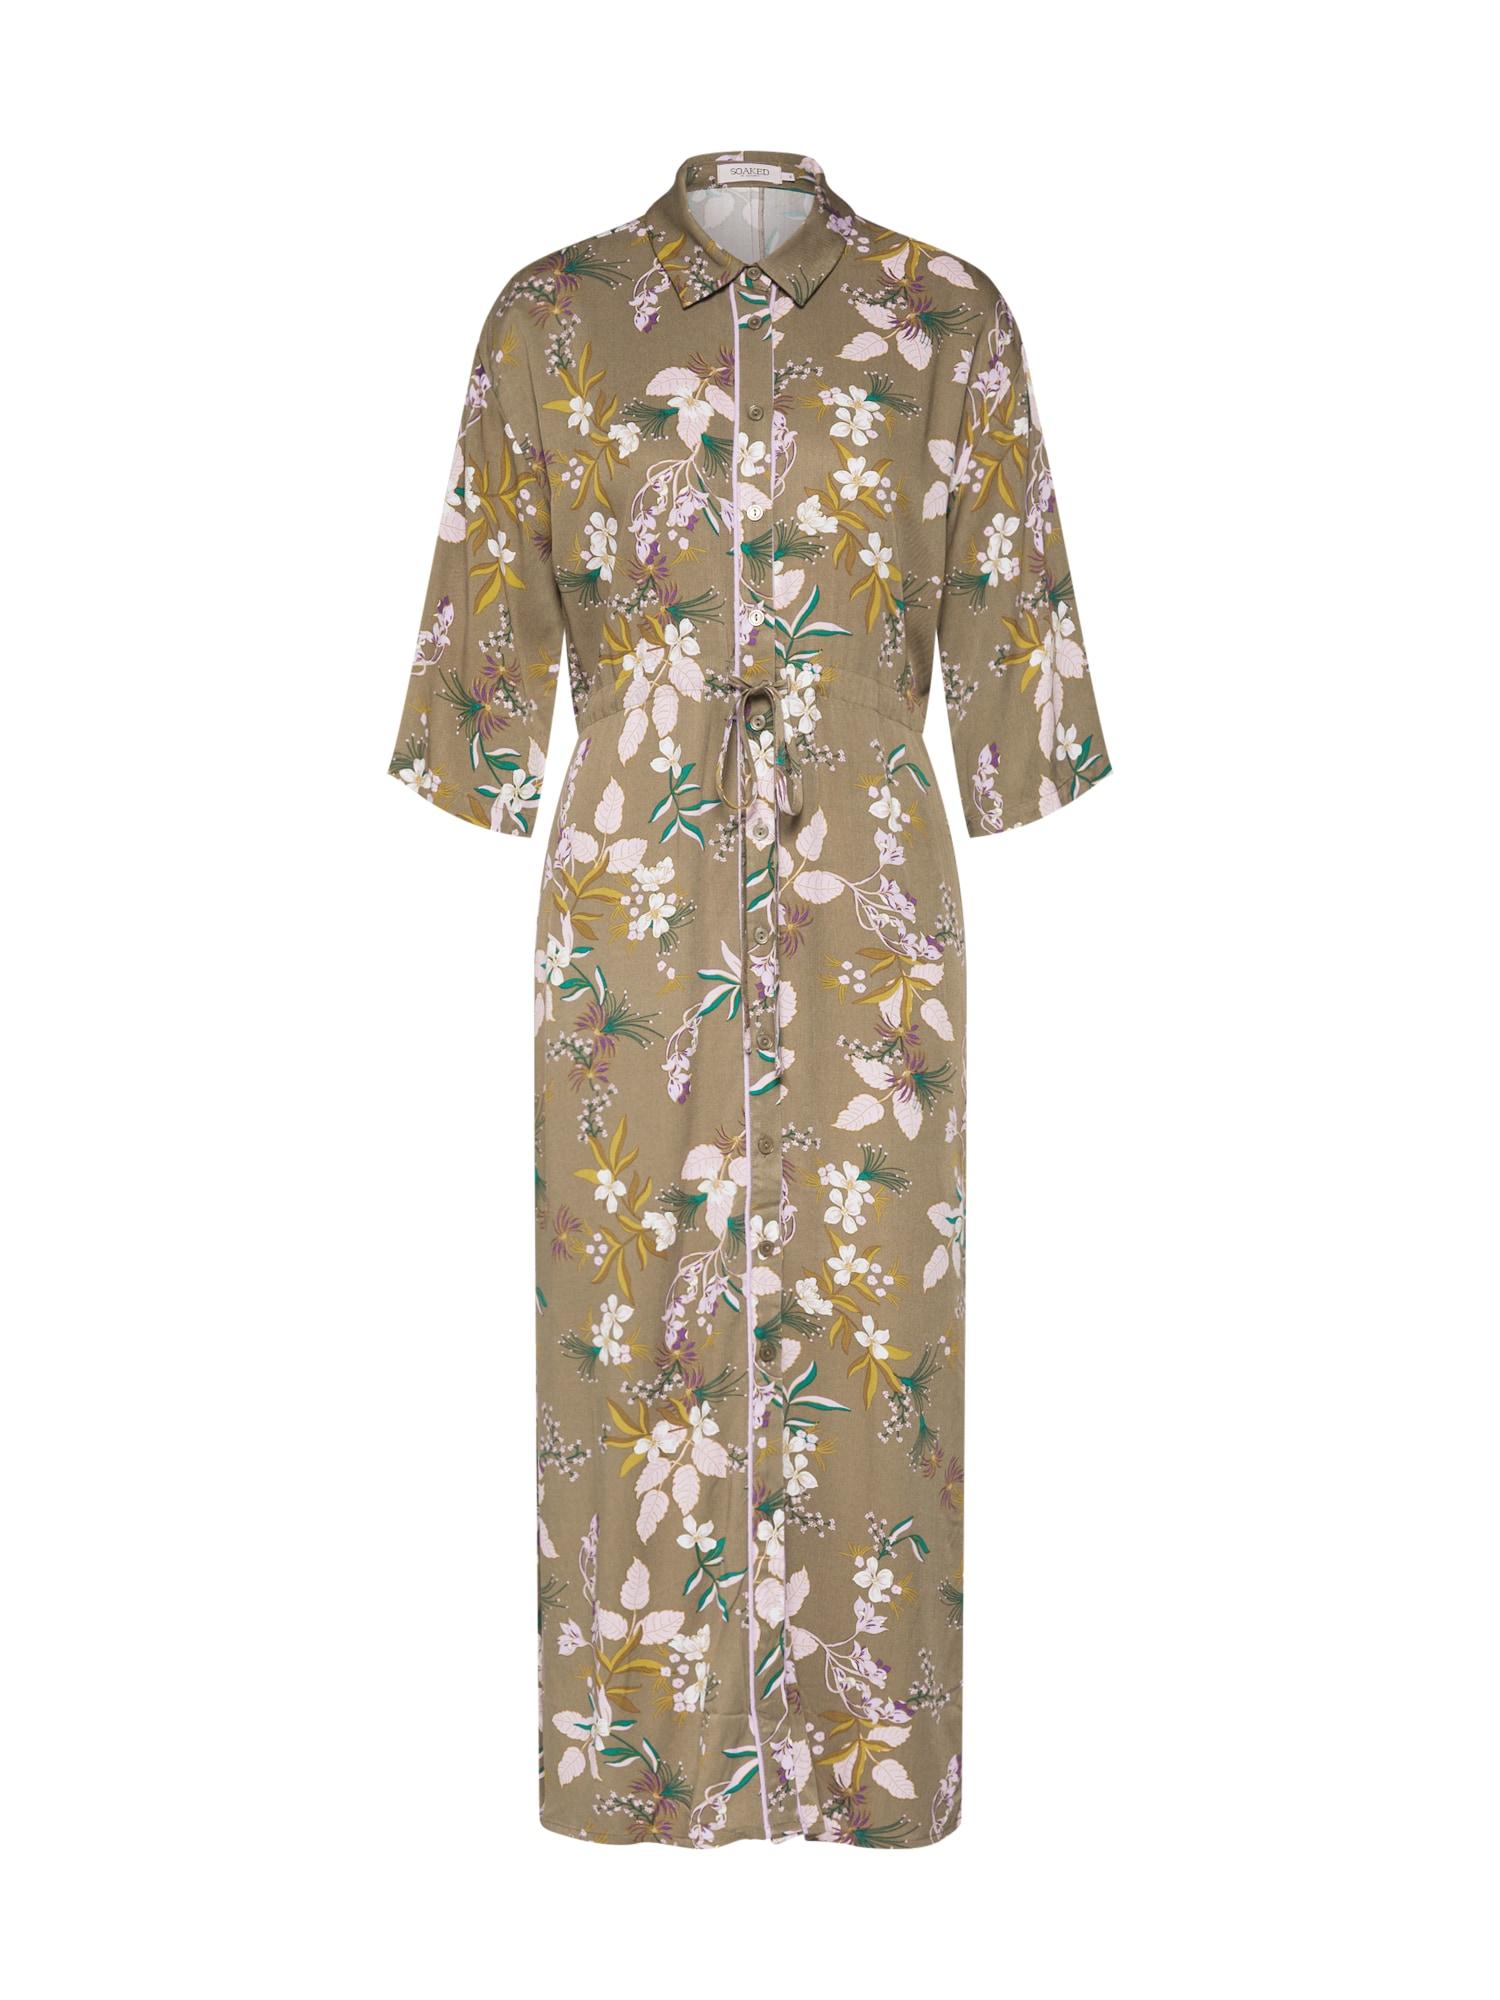 Košilové šaty Brianna olivová mix barev SOAKED IN LUXURY